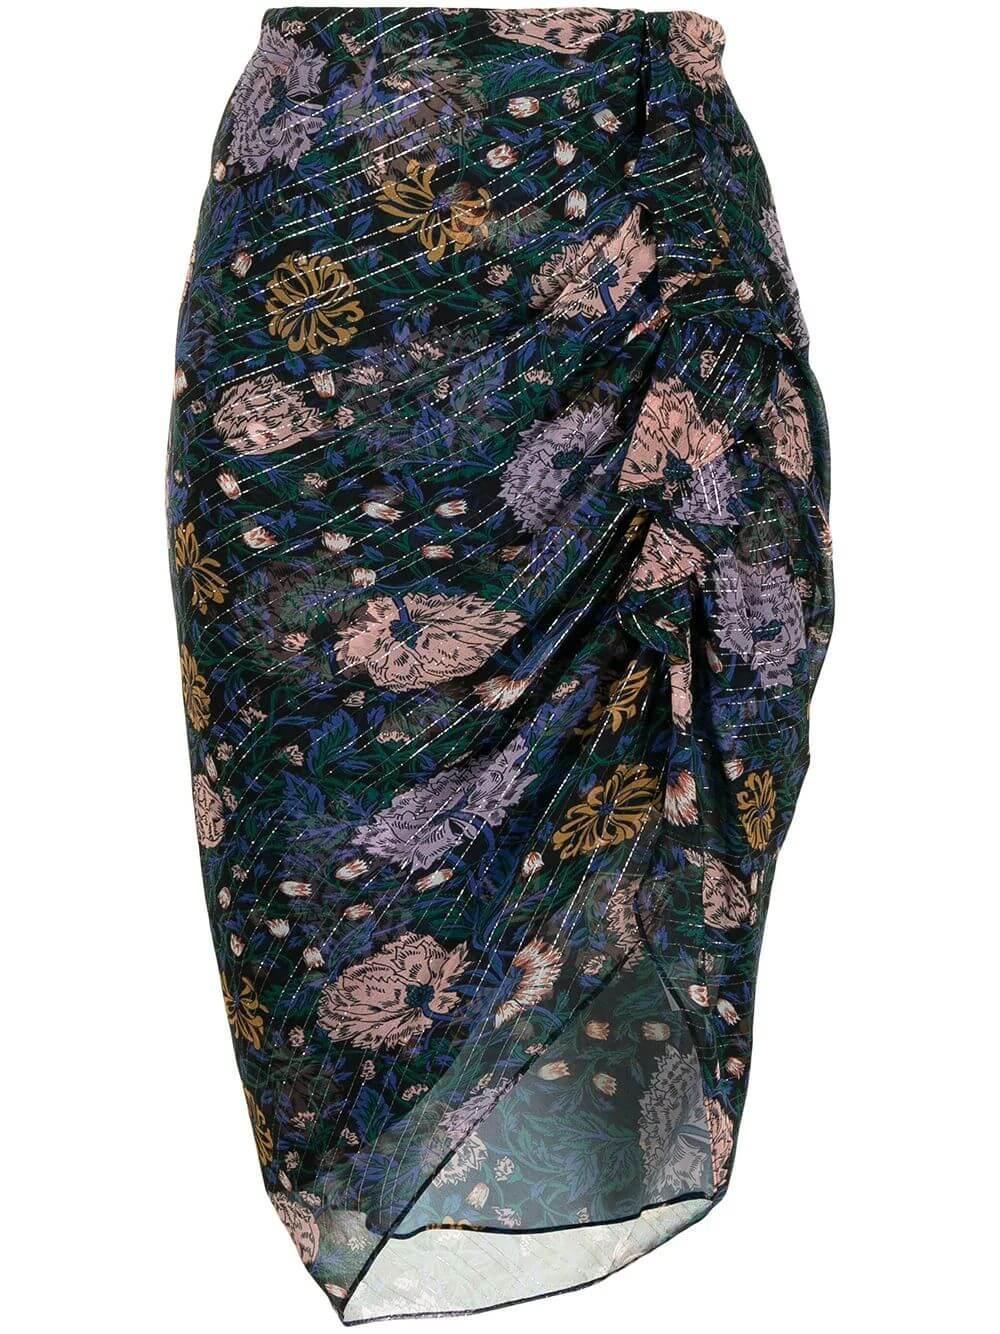 Hazel Floral Skirt Item # 2012CHF0103181